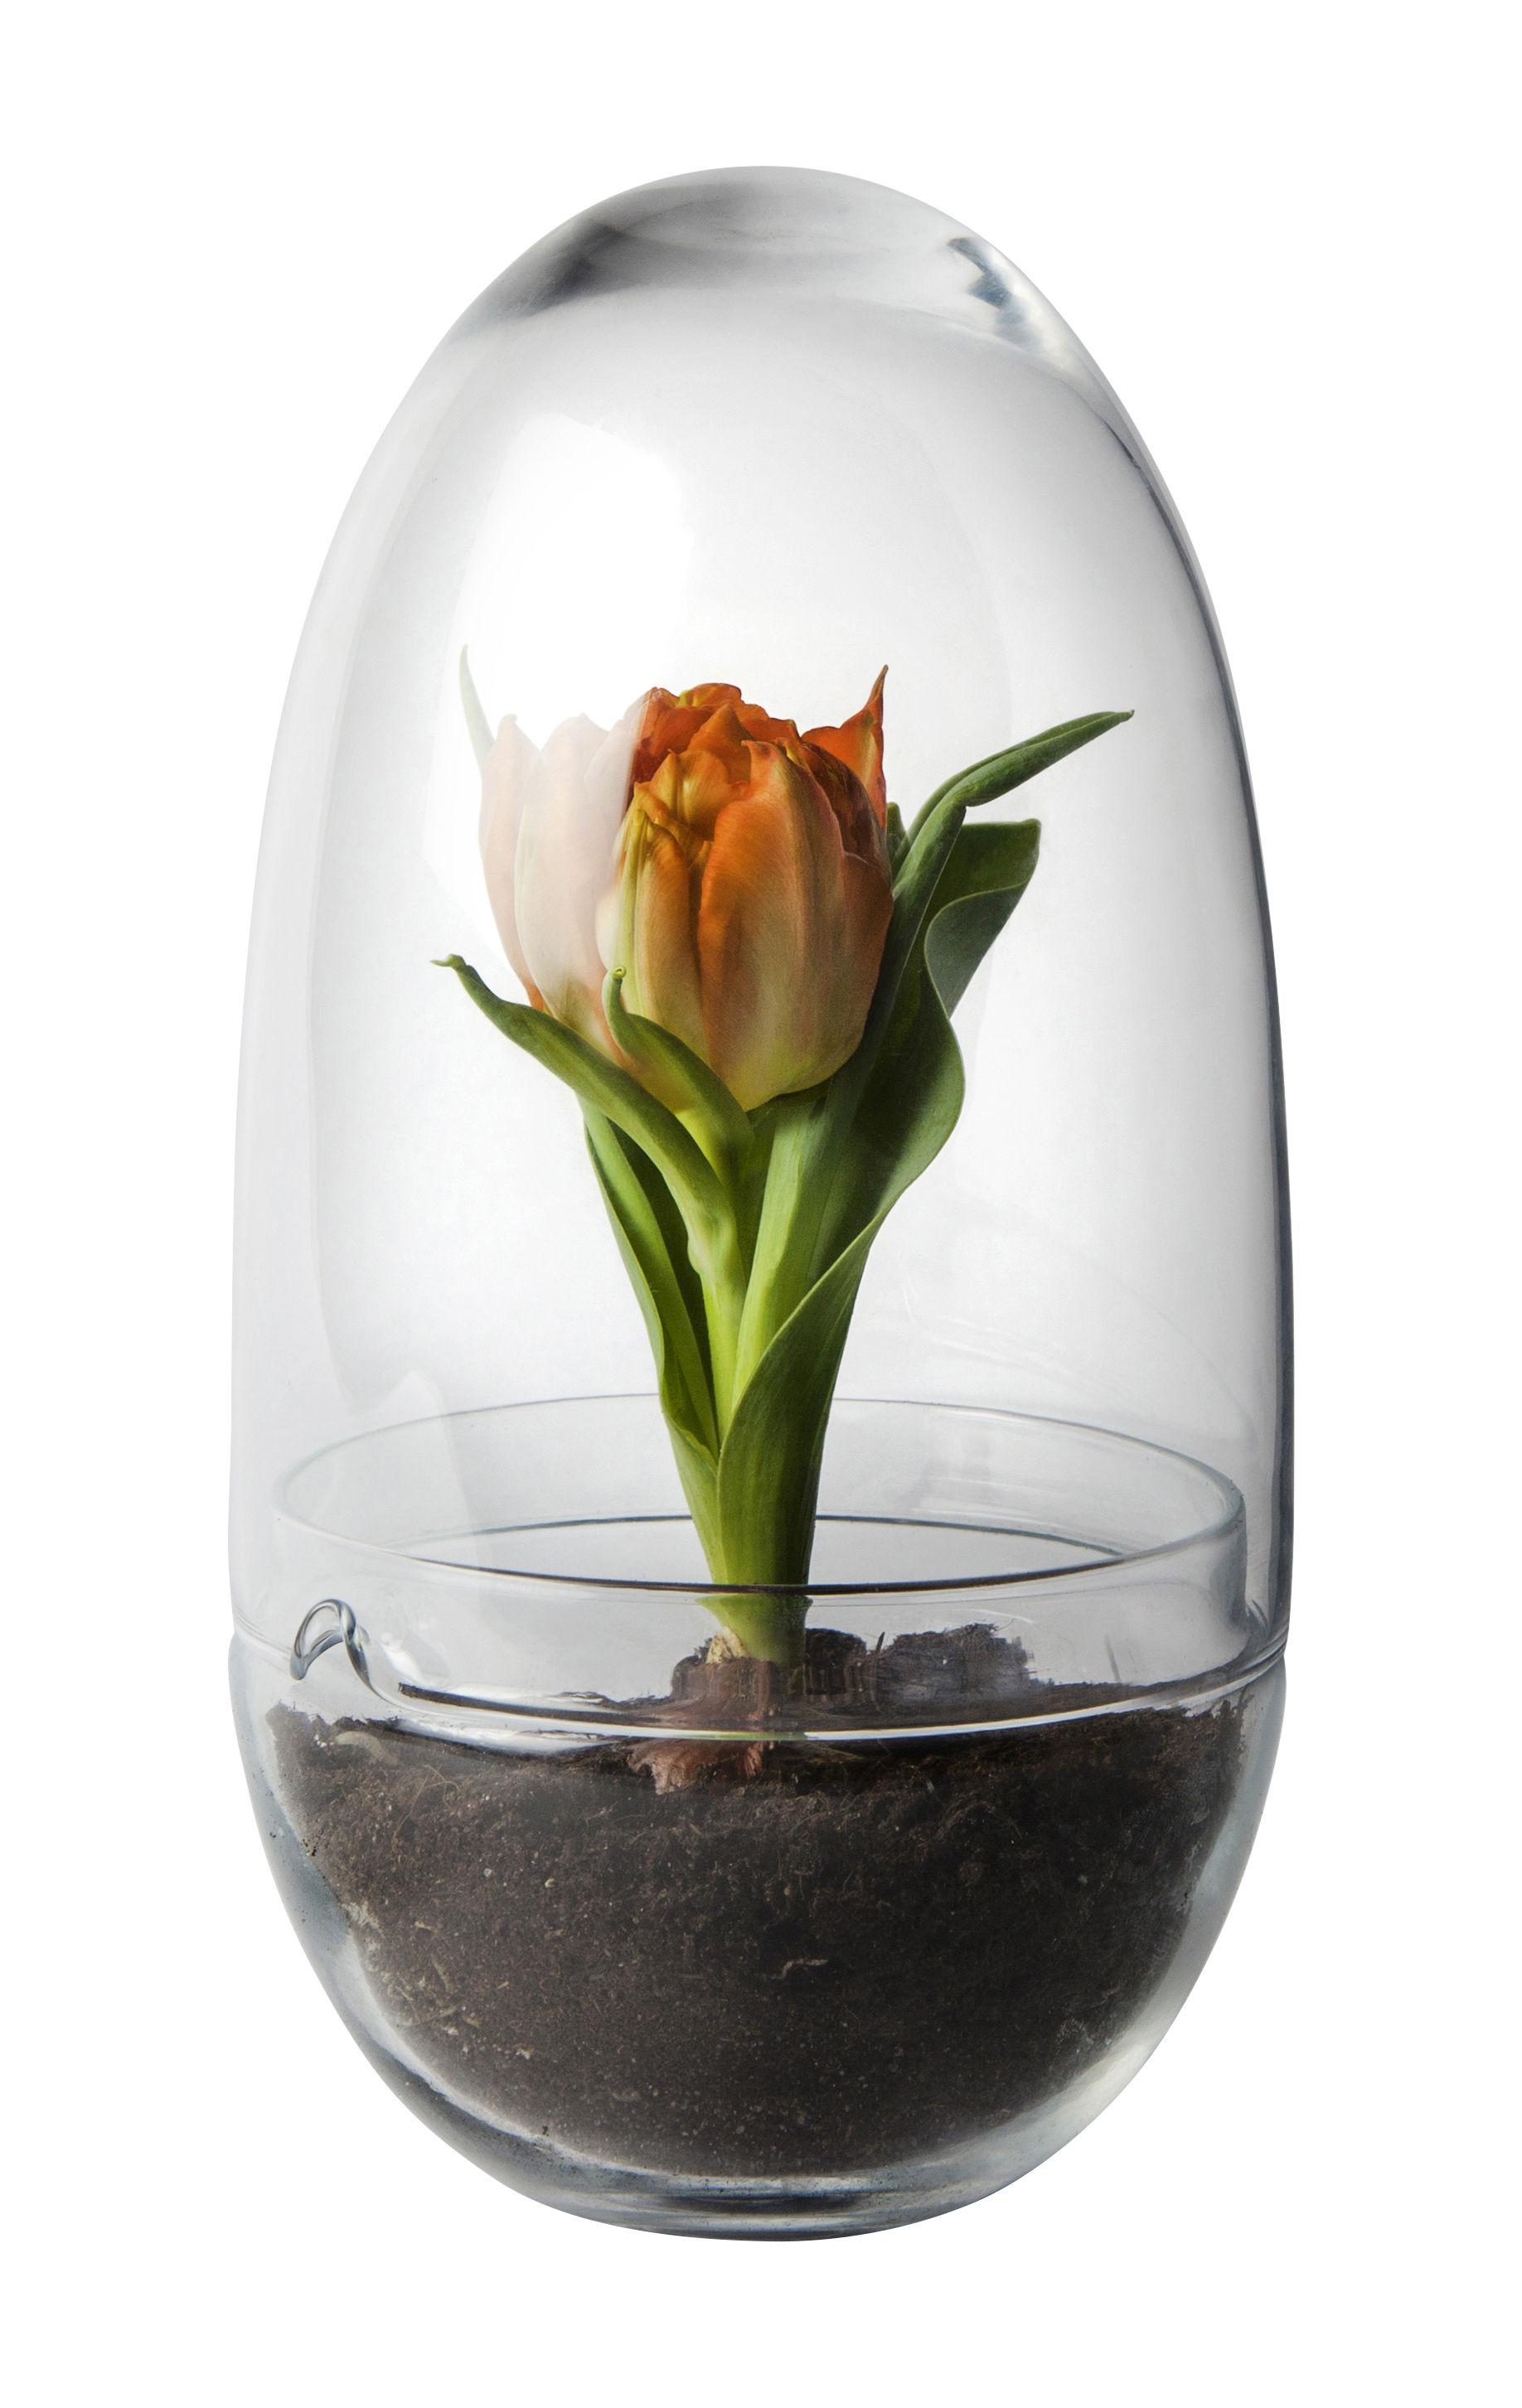 Decoration - Flower Pots & House Plants - Grow Large Greenhouse - / Ø 12 x H 24 cm by Design House Stockholm - H 23 cm / Transparent - Mouth blown glass